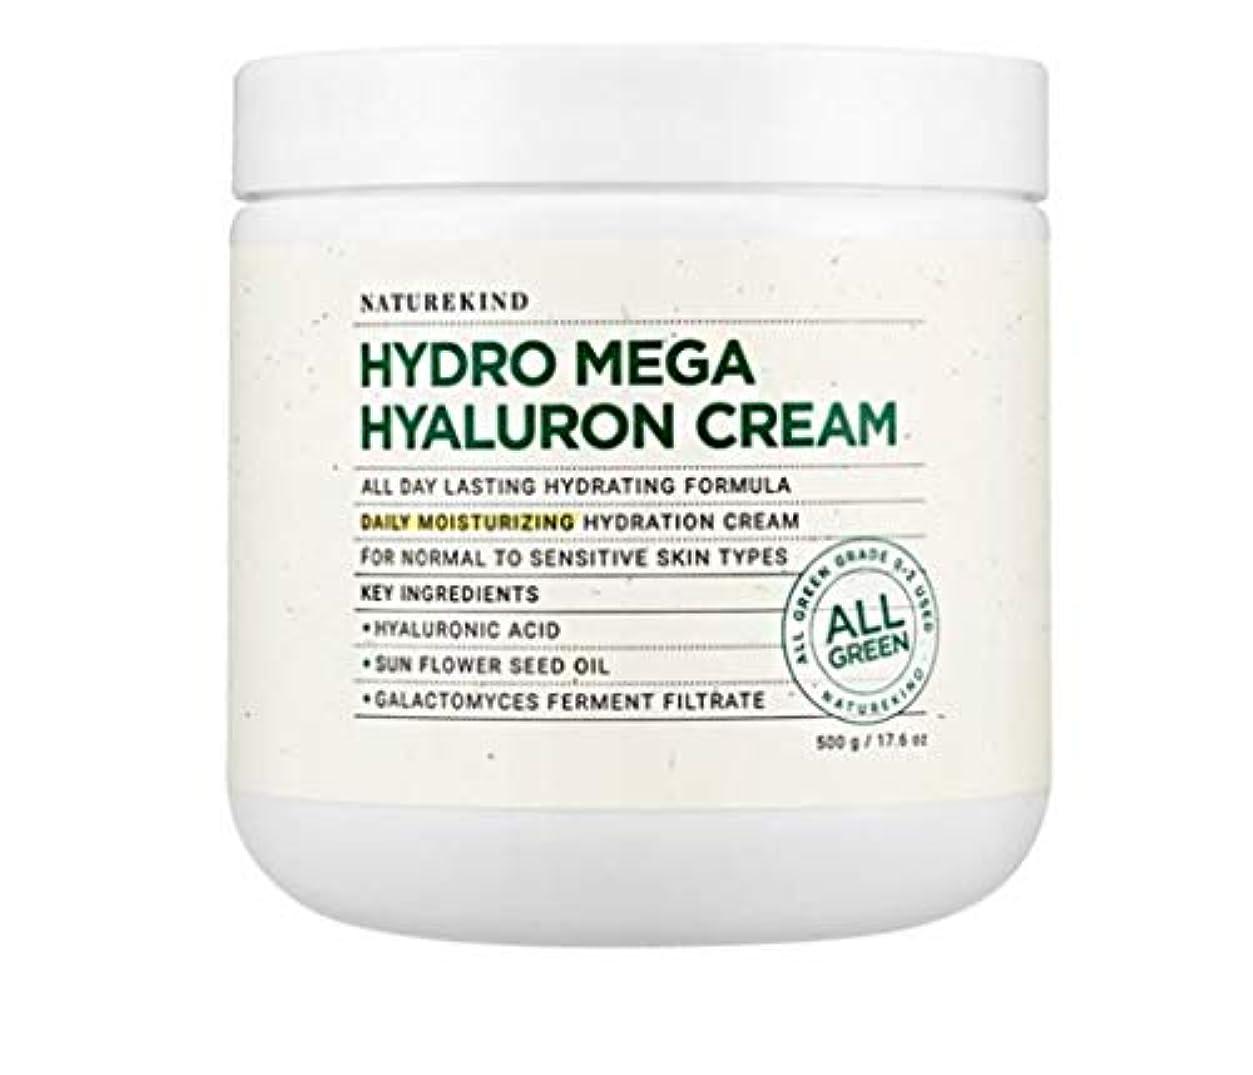 リード従事する独裁NATUREKIND HYALURON MEGA HYALURON CREAM ネイチャーカインドヒアルロン高濃縮水分保湿クリーム大容量500g(並行輸入品)